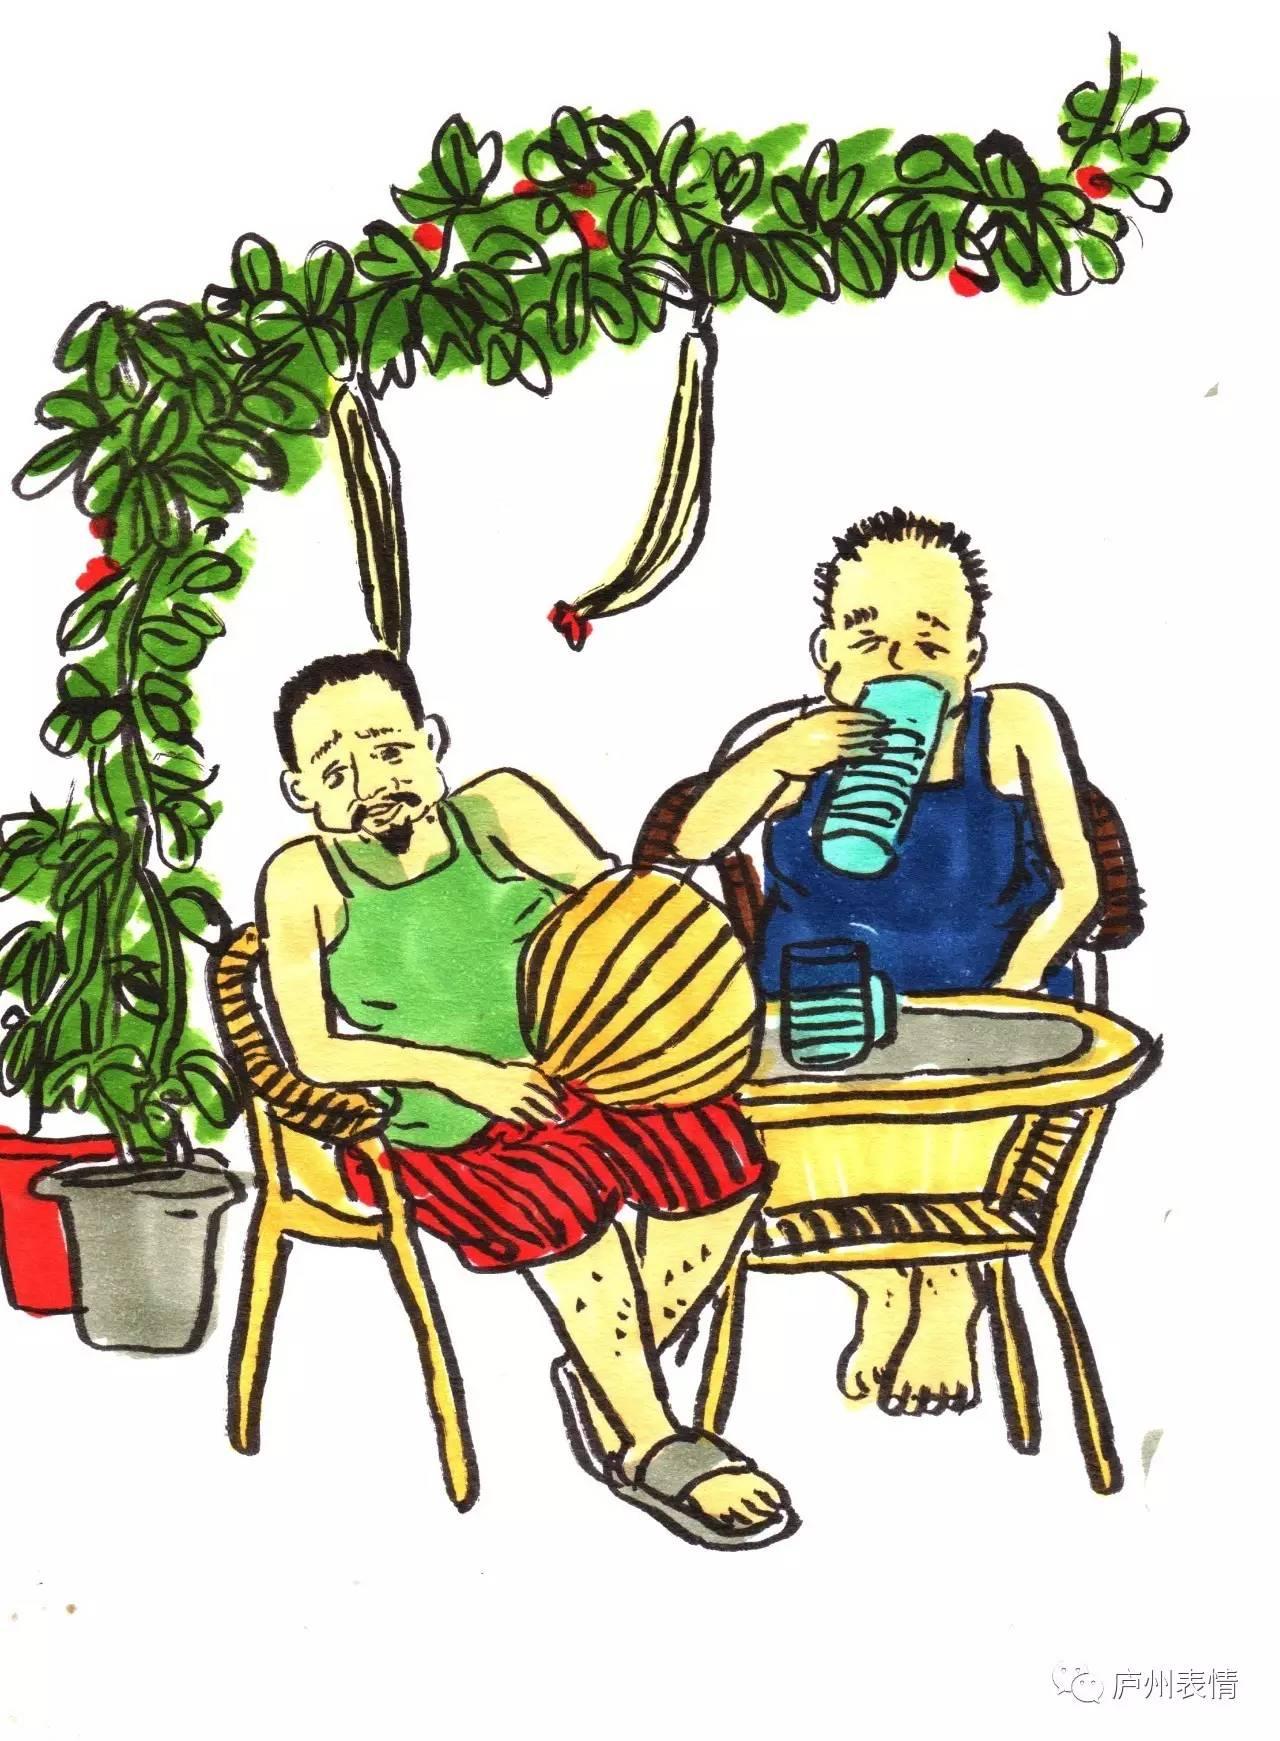 手绘漫画:这六个夏天的生活场景,一定有一个存在你的记忆里